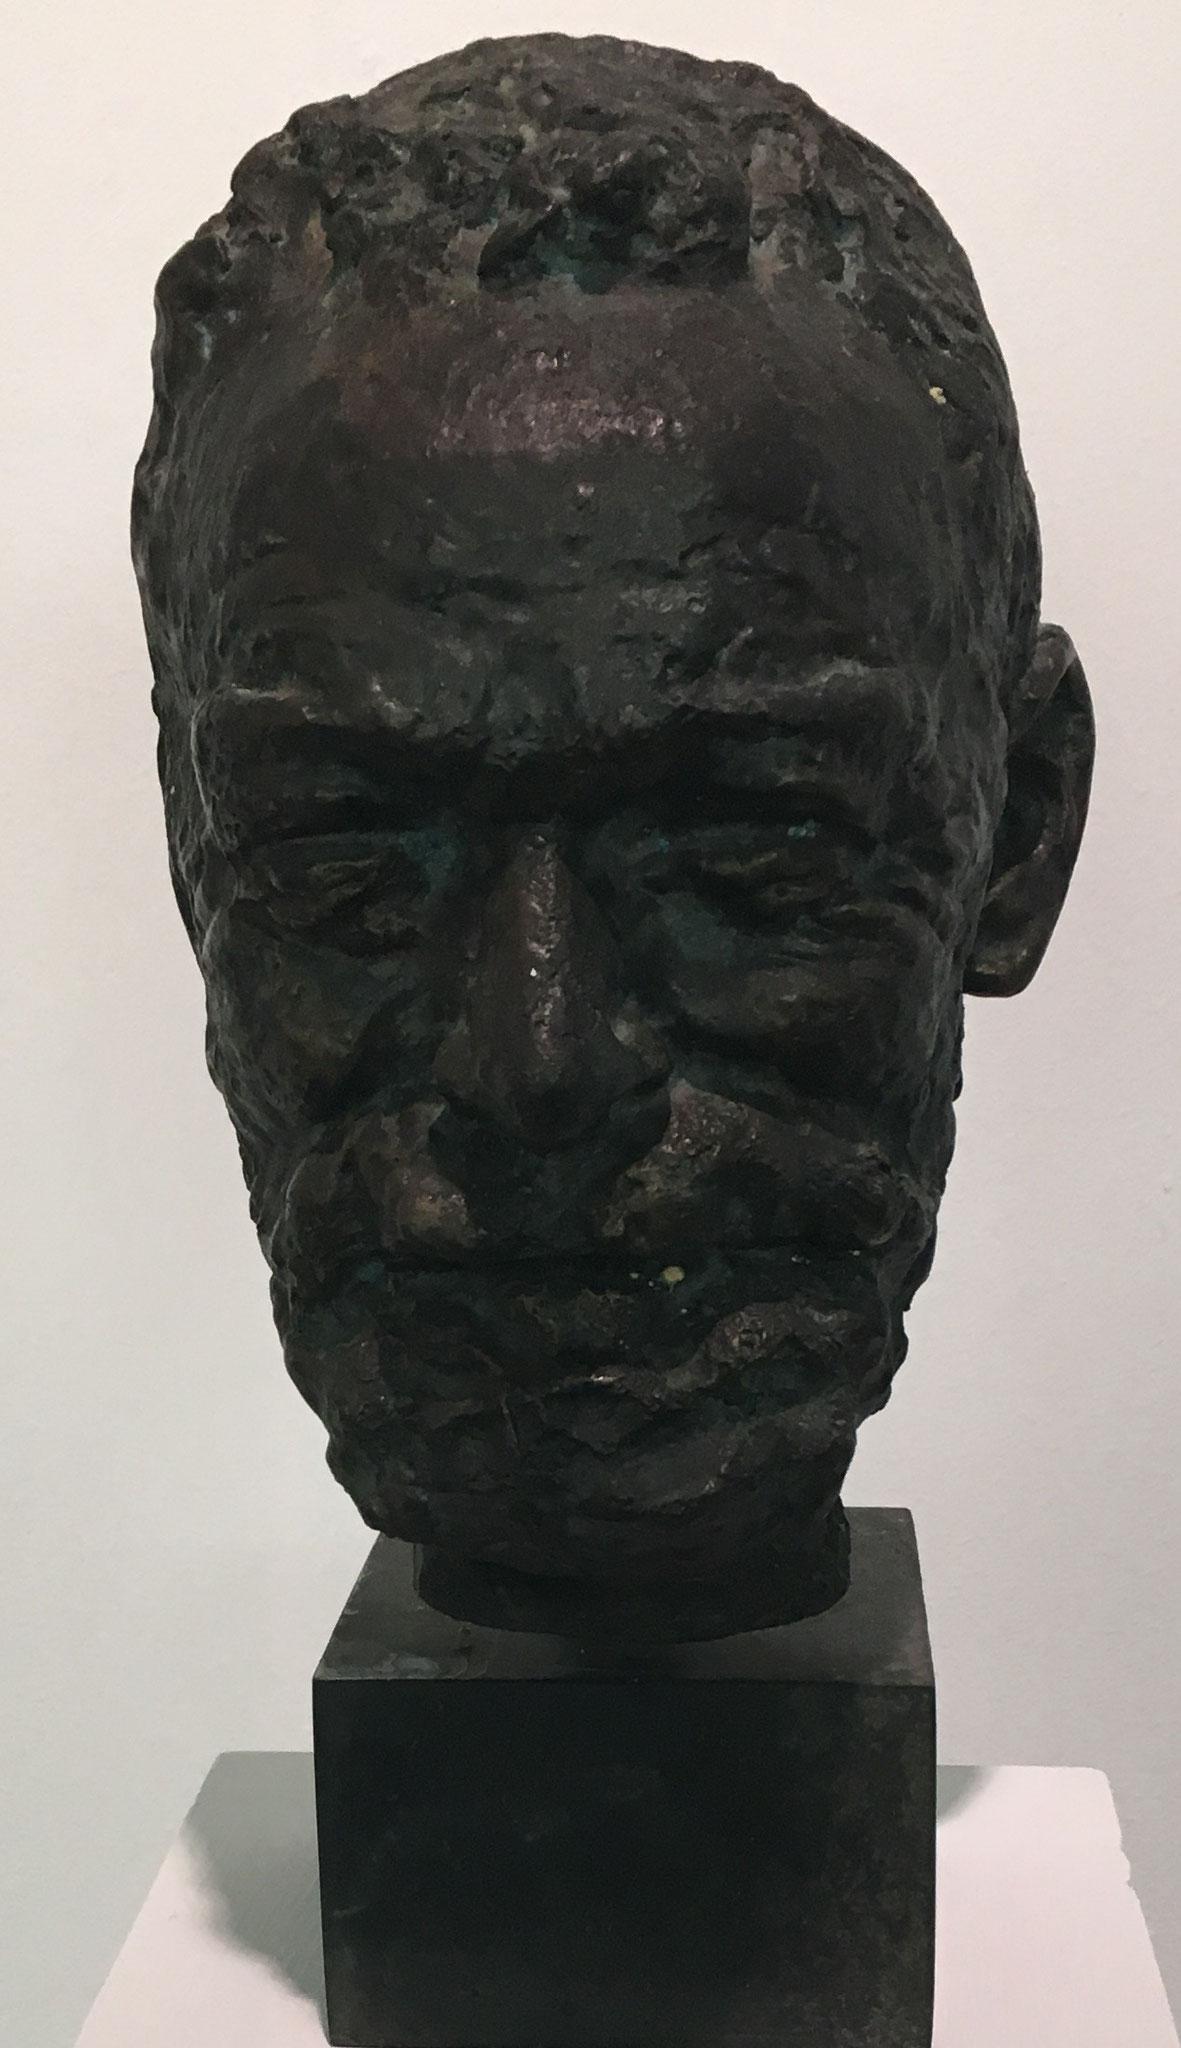 Cuno Amiet, Büste Ferdinand Hodler, undatiert